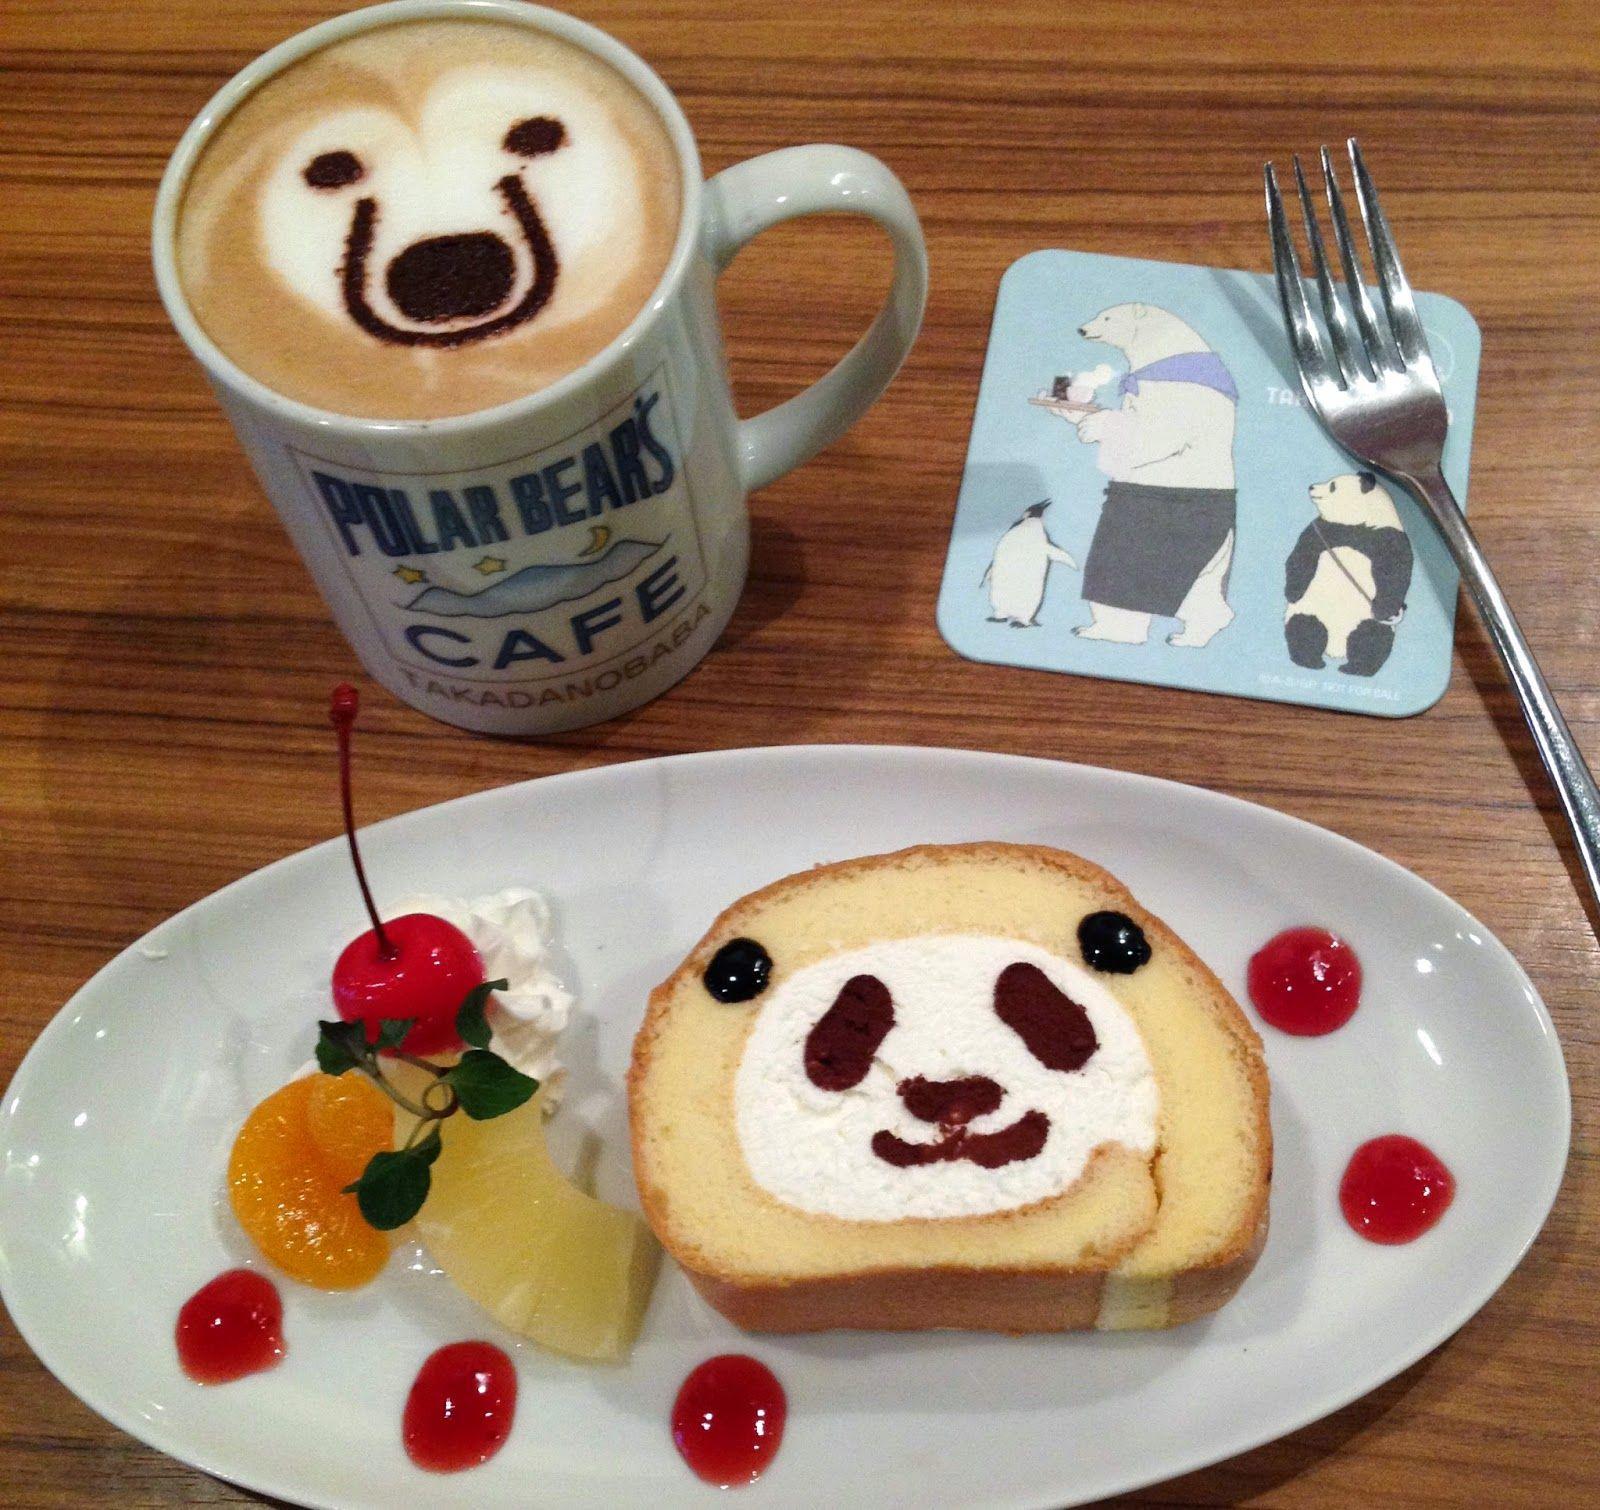 Shirokuma Café (Polar Bear's Café) - Takadanobaba, Tokyo, Japan